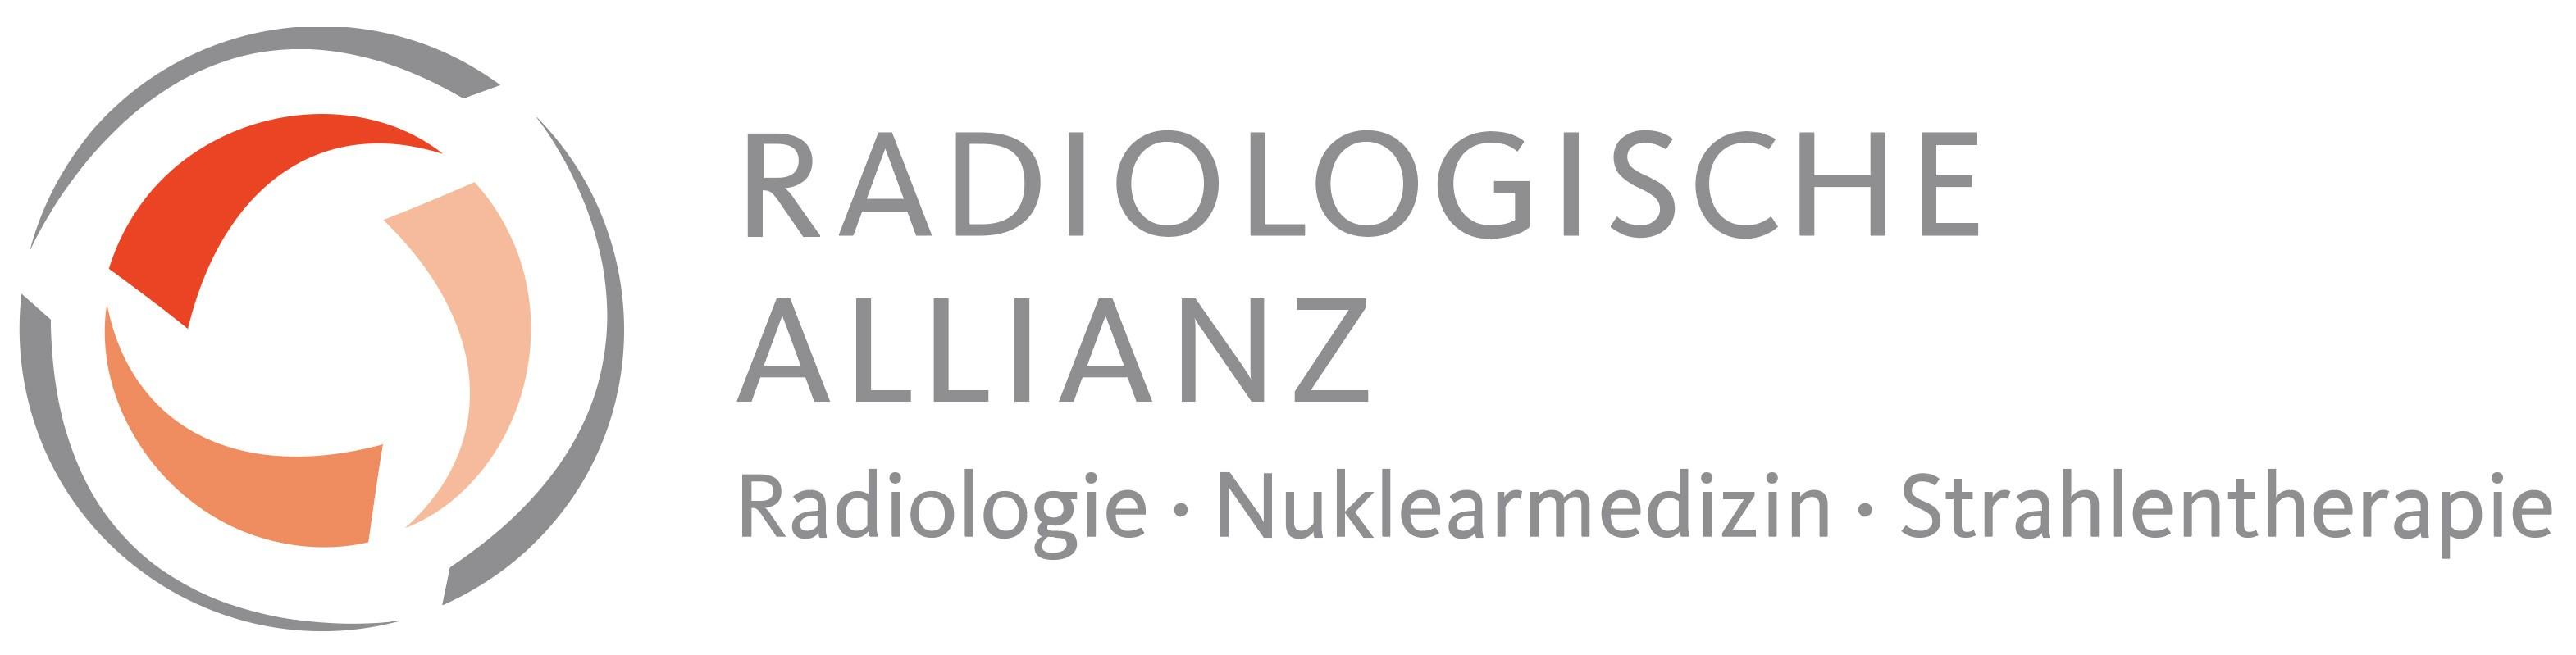 Radiologische Allianz Logo